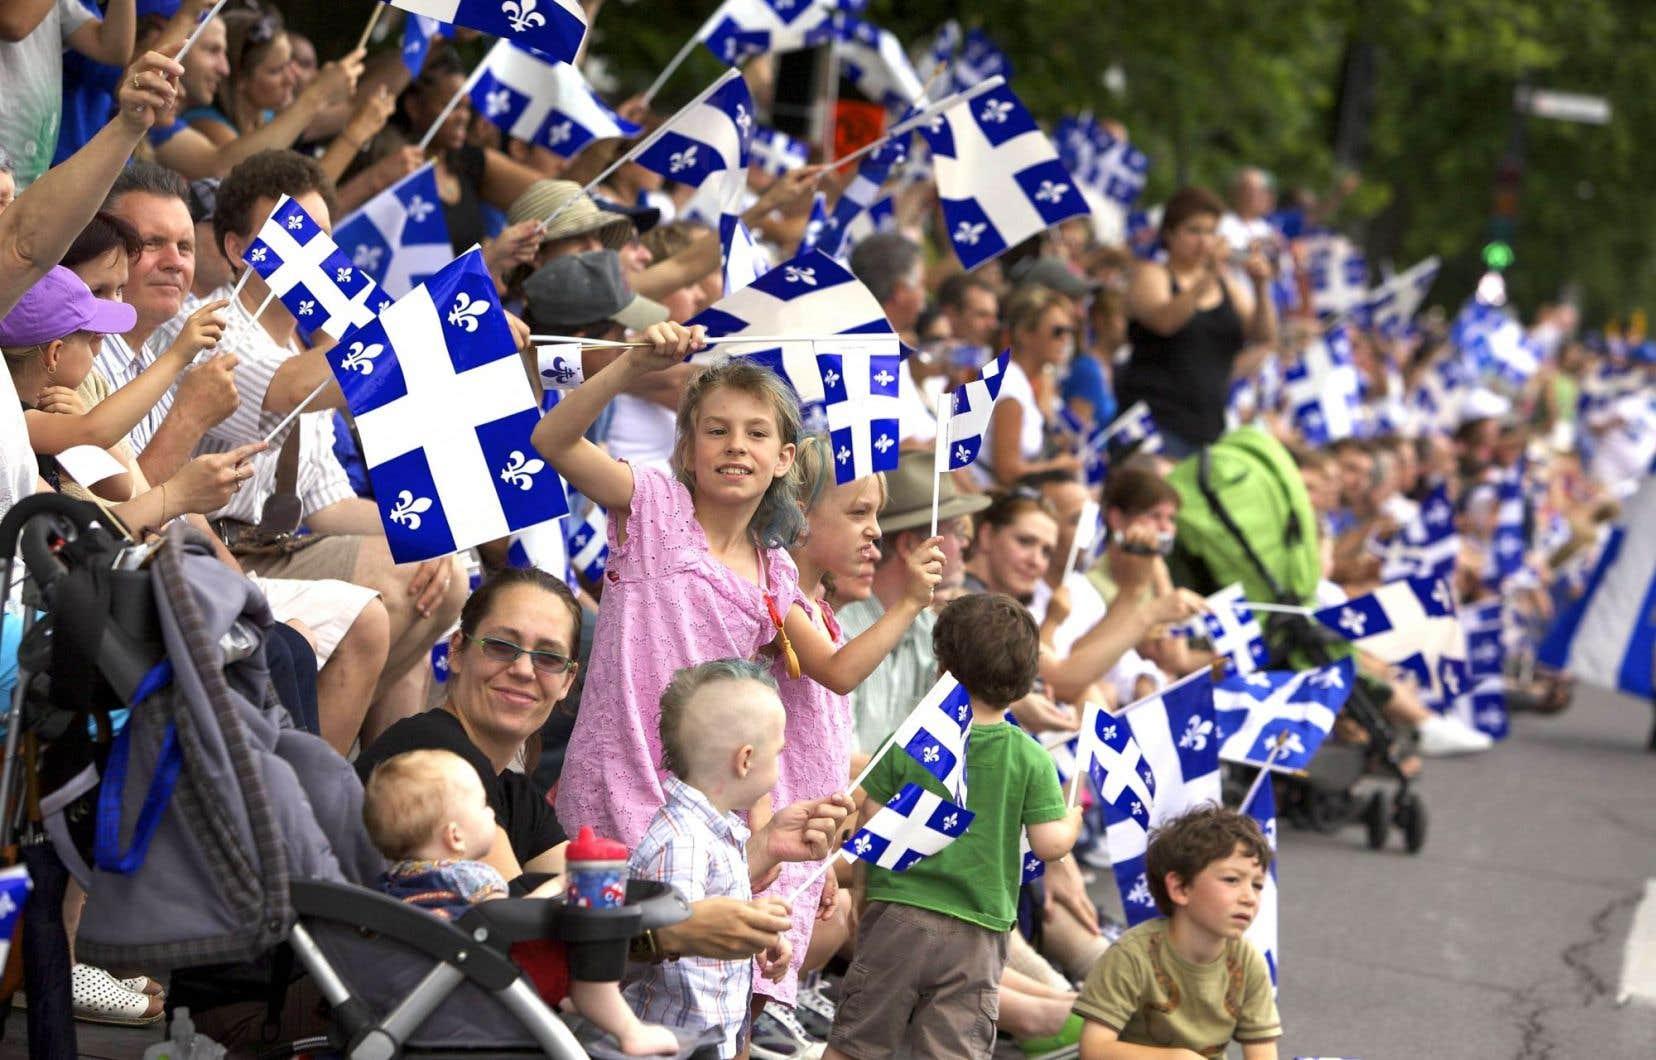 Résultats de recherche d'images pour «le peuple québécois fête»